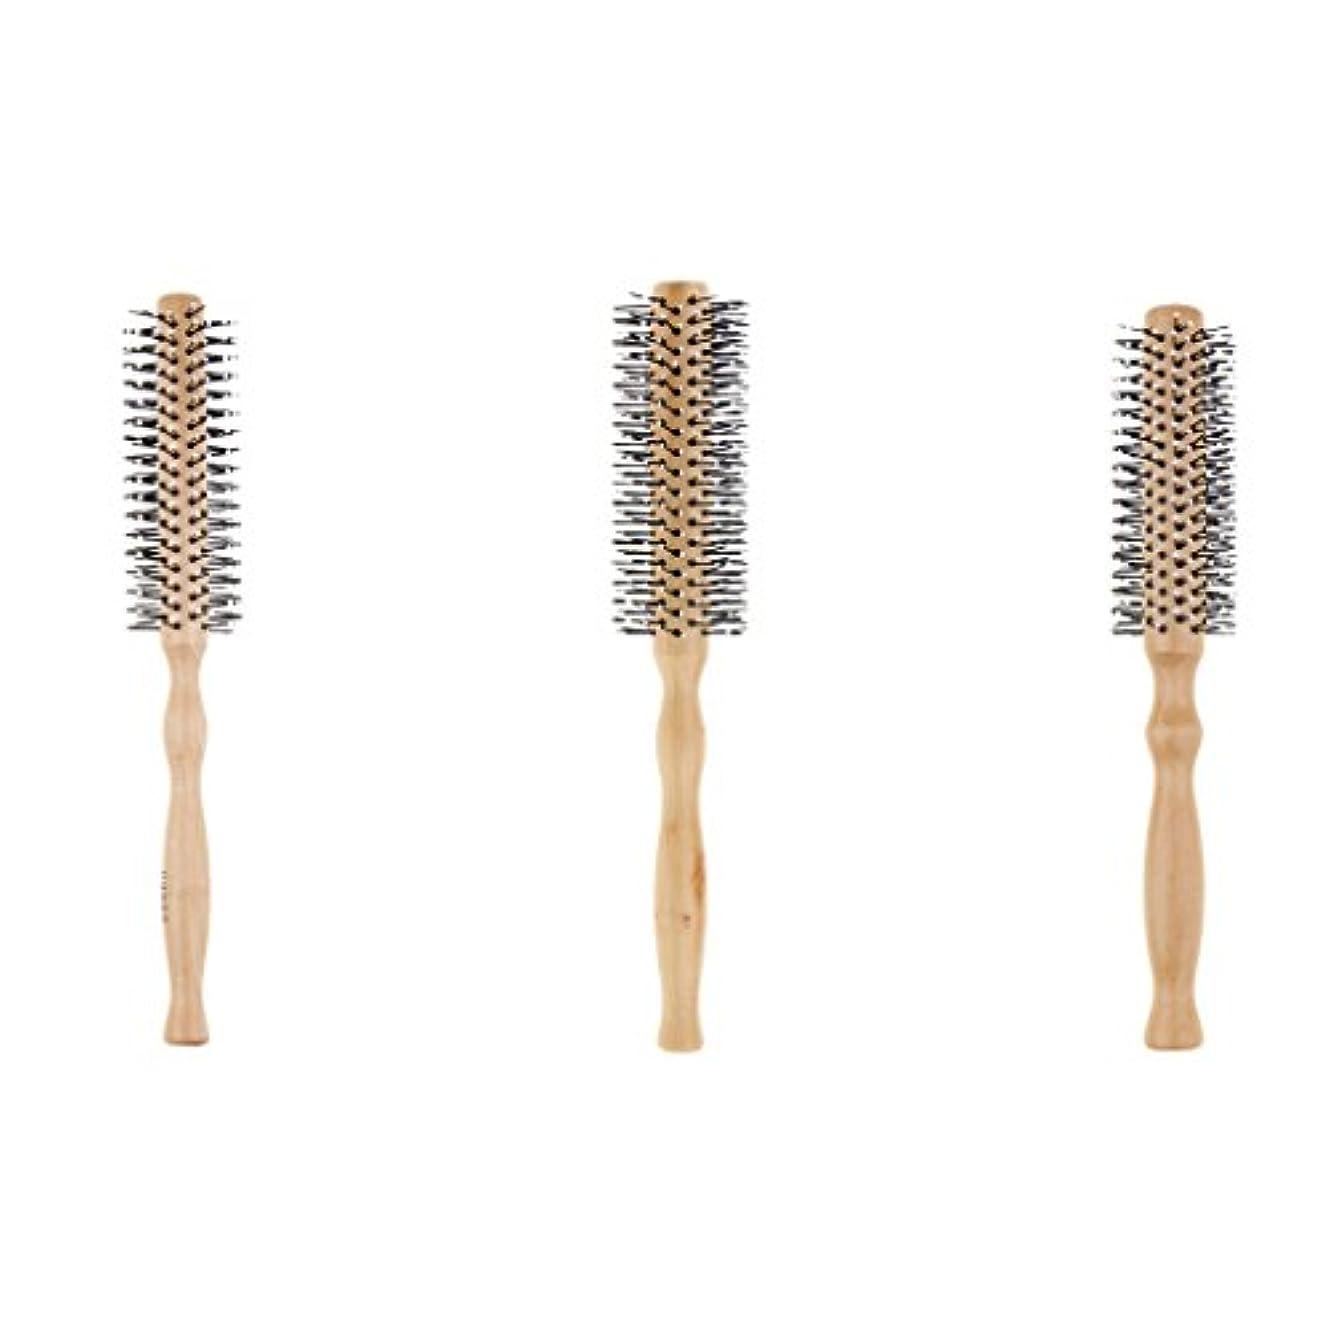 反対に直接マウントCUTICATE ヘアブラシ ラウンド ロールブラシ 巻き髪 木製櫛 3本